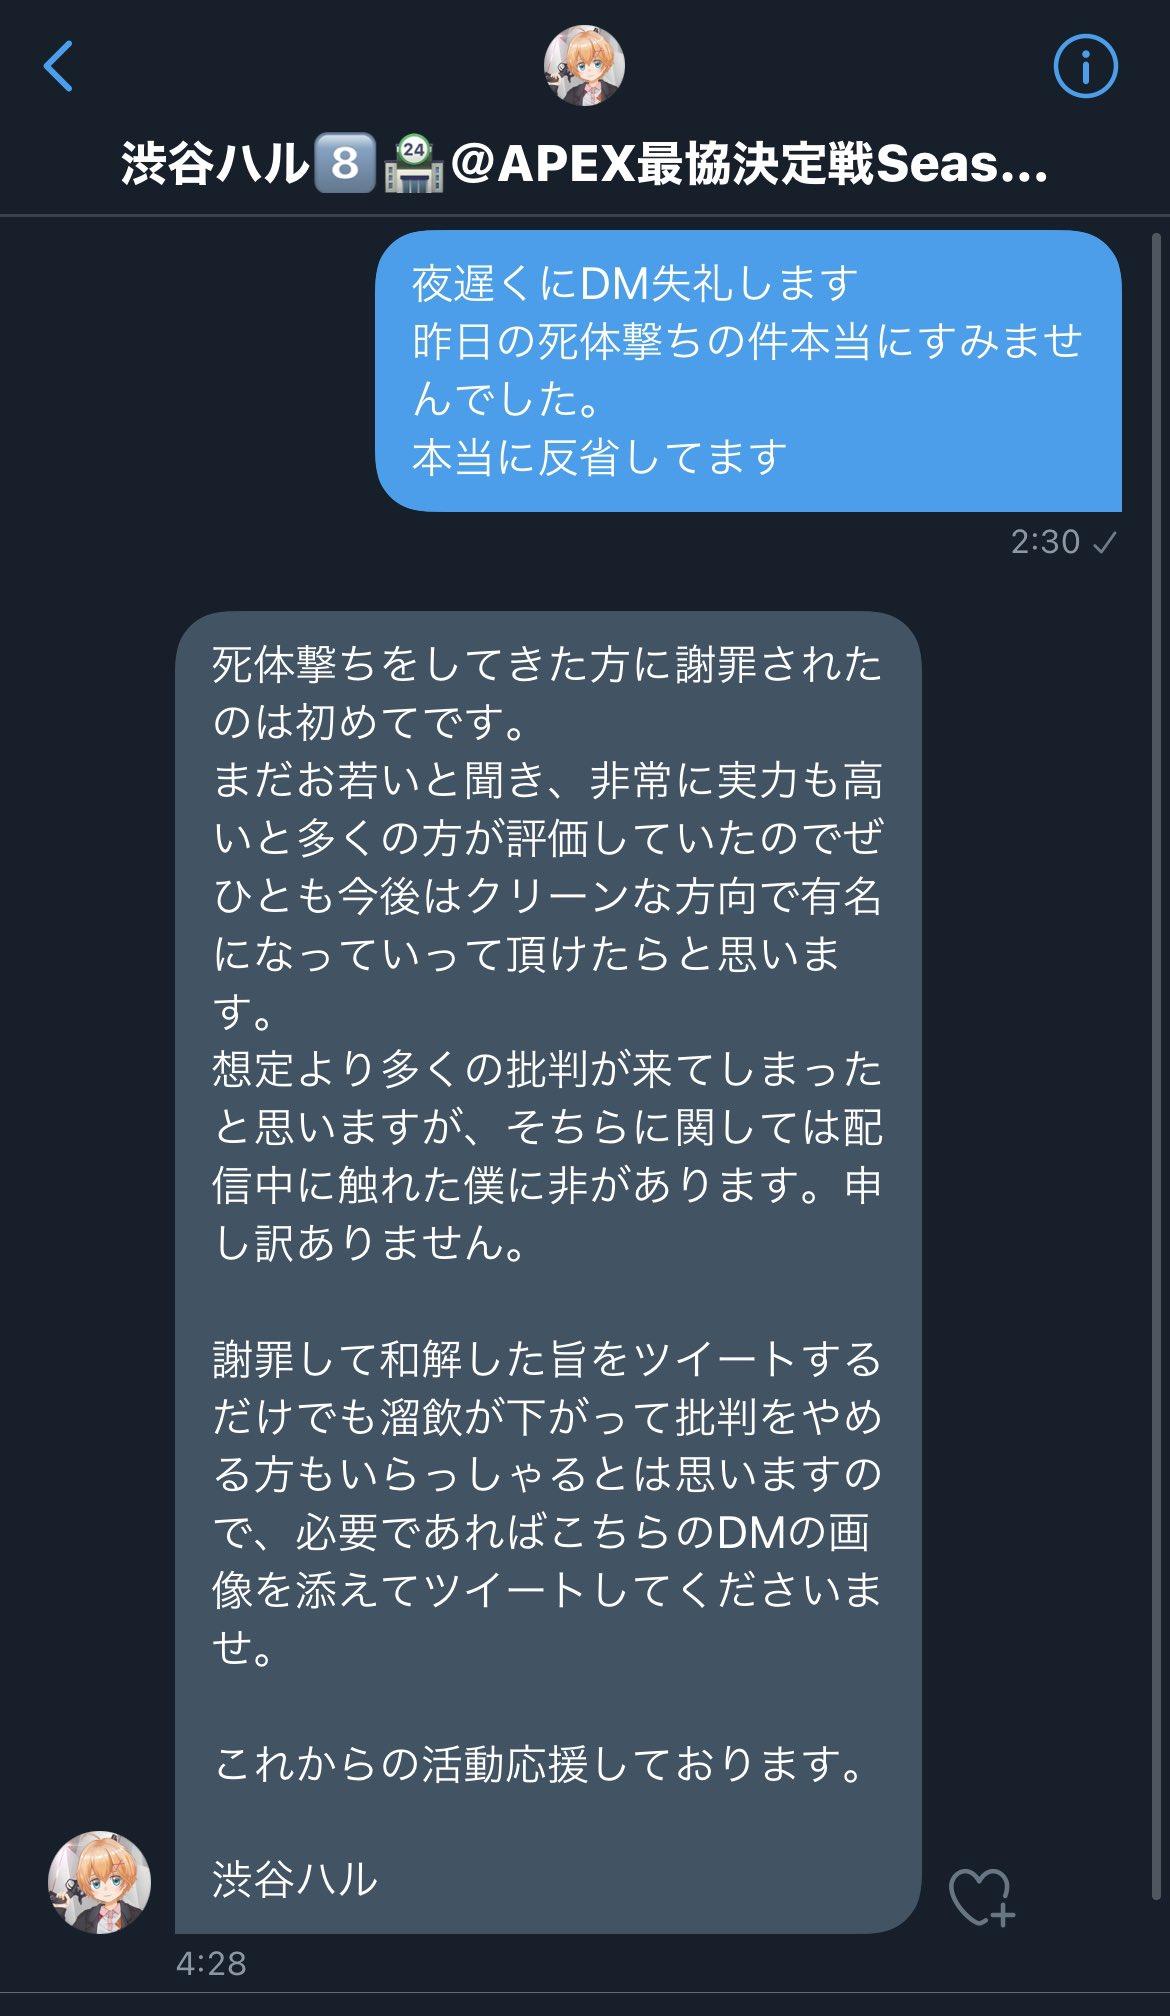 渋ハルとCrylixが謝罪して和解したDMのキャプチャ画像